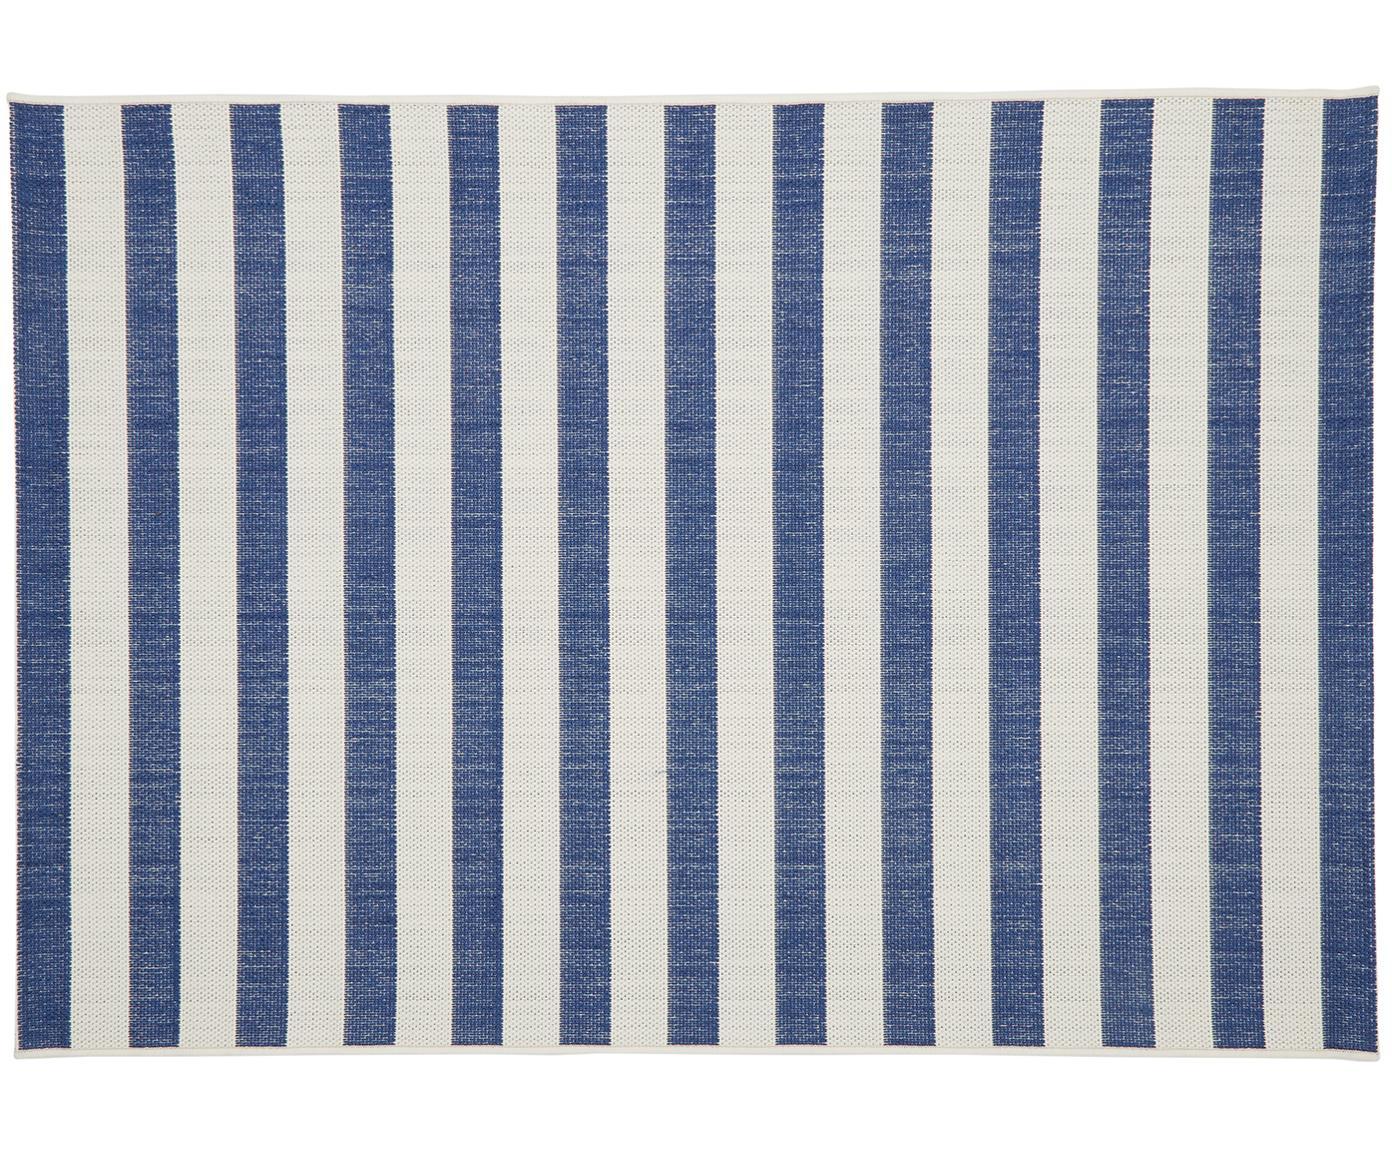 Gestreept in- & outdoor vloerkleed Axa in blauw/wit, Bovenzijde: polypropyleen, Onderzijde: polyester, Crèmewit, blauw, B 200 x L 290 cm (maat L)